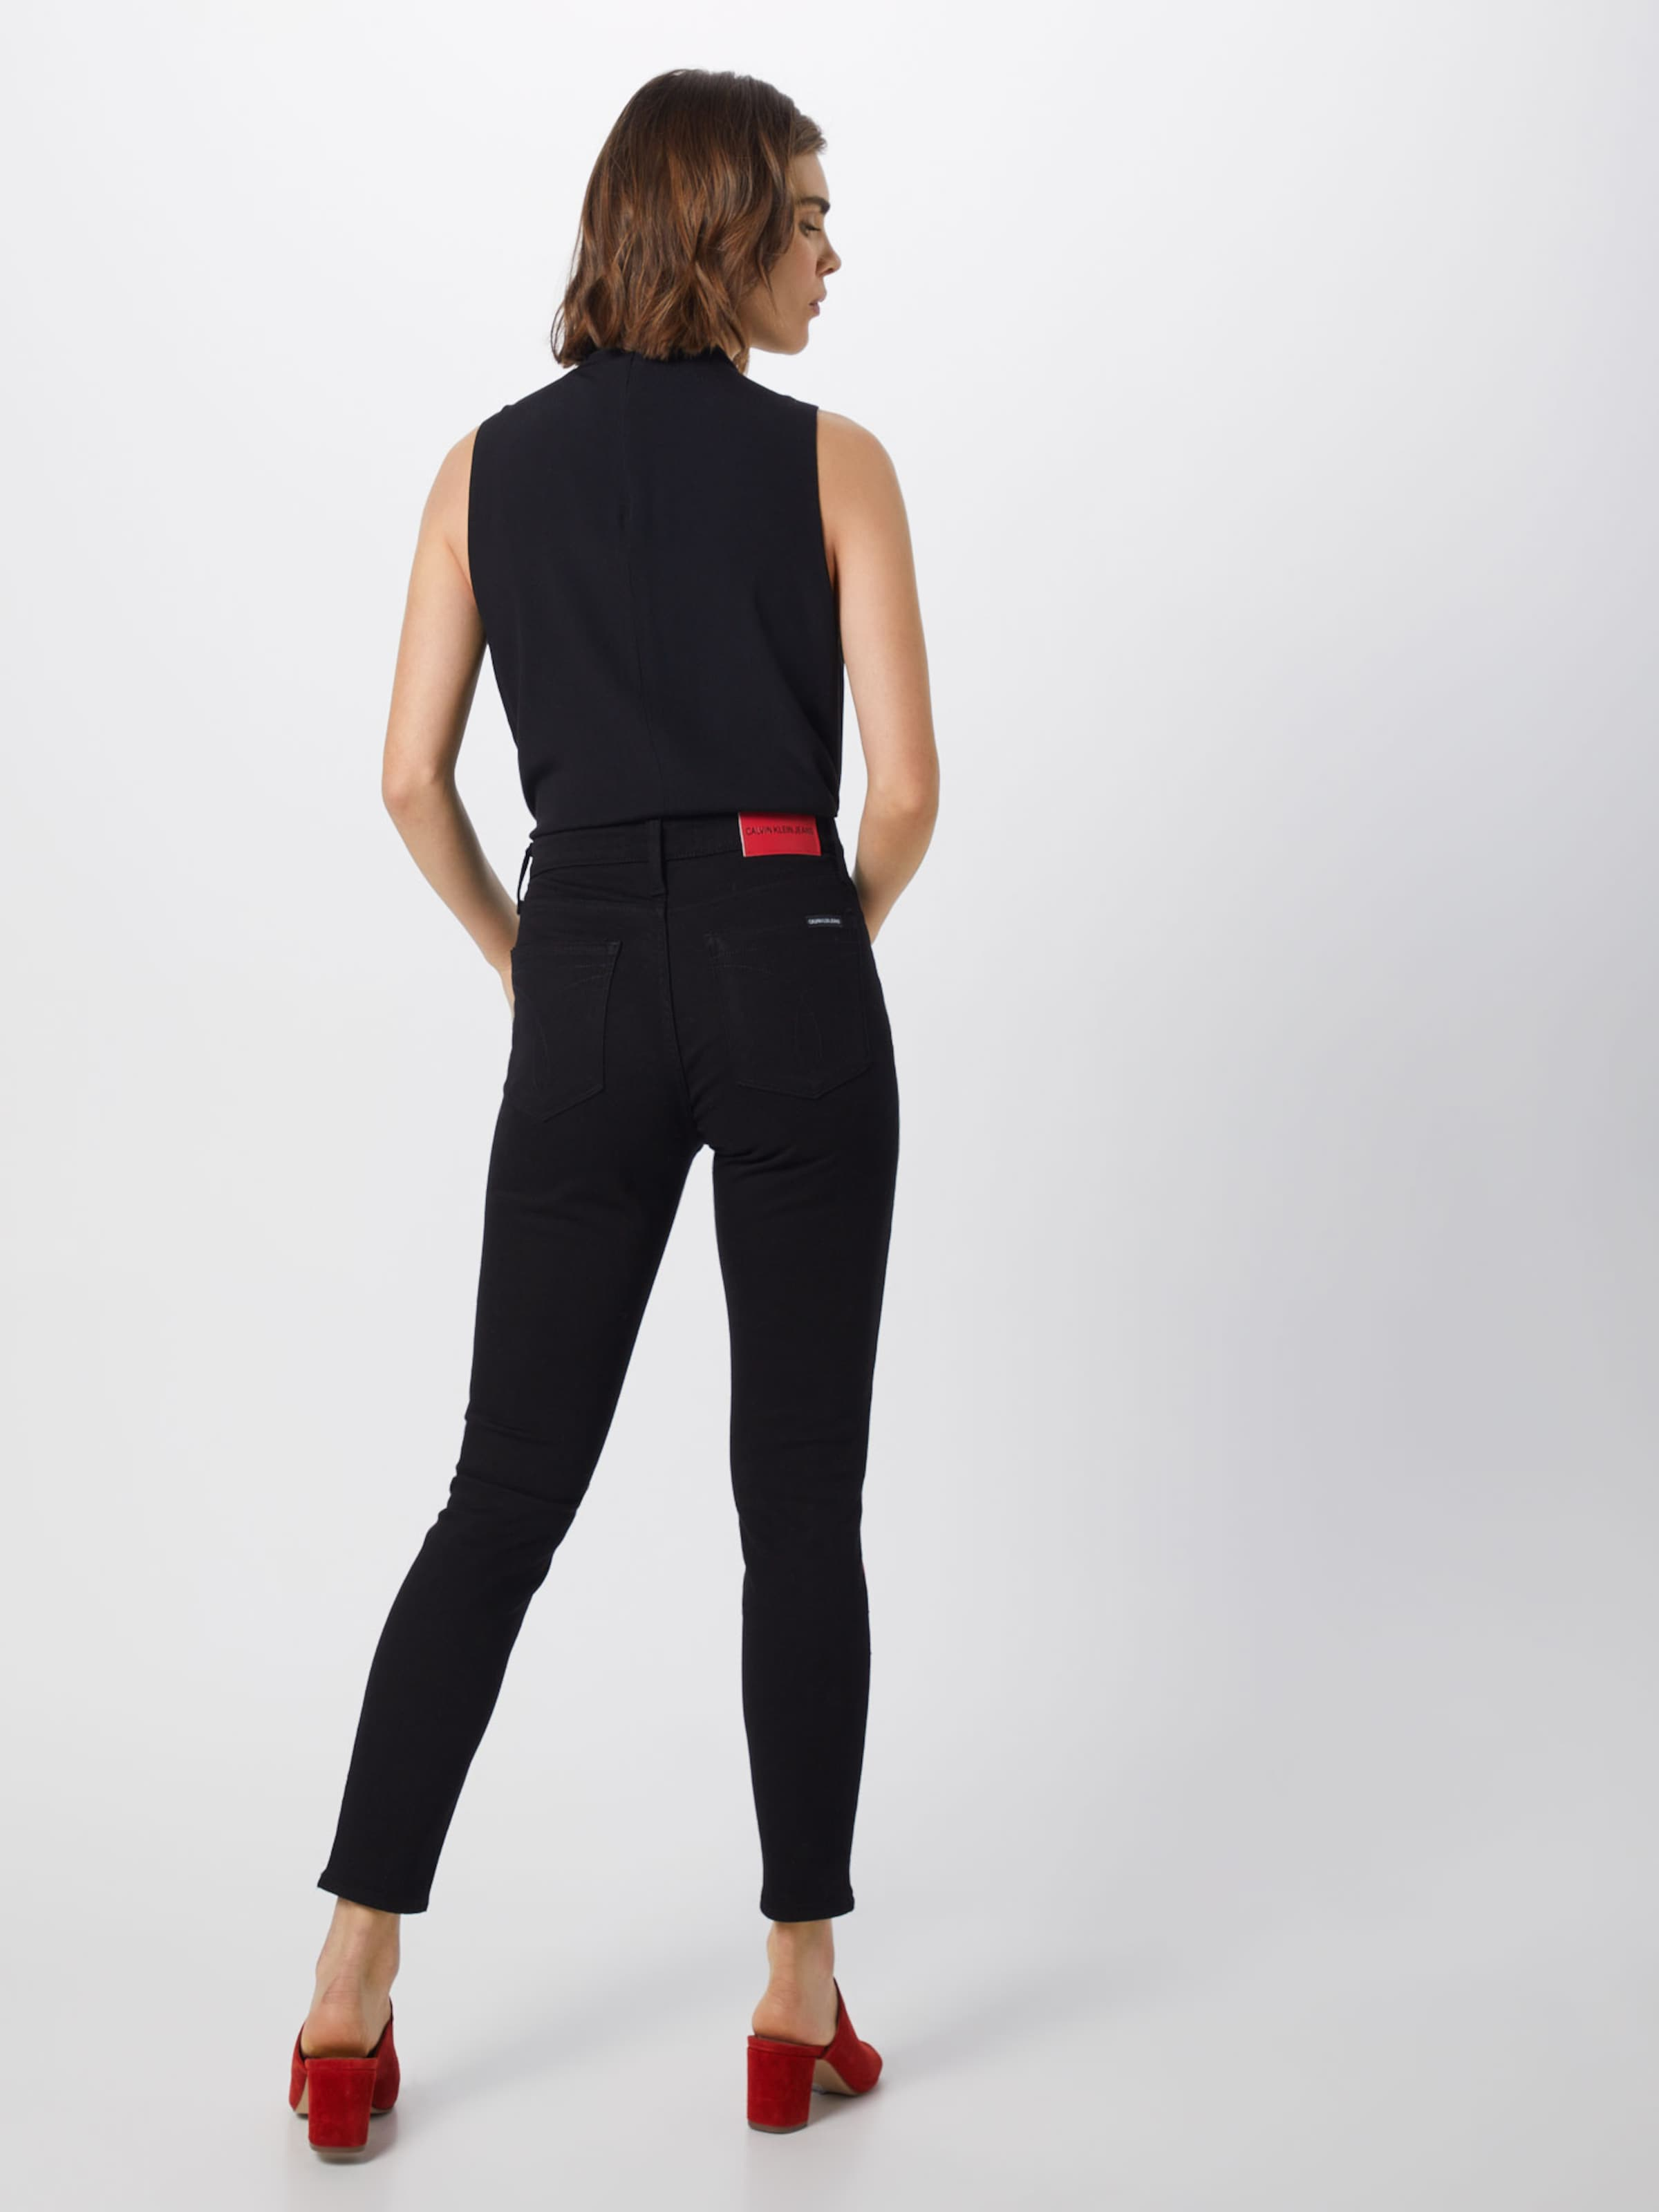 RotSchwarz Jeans Calvin Calvin Klein In QhtsrdC